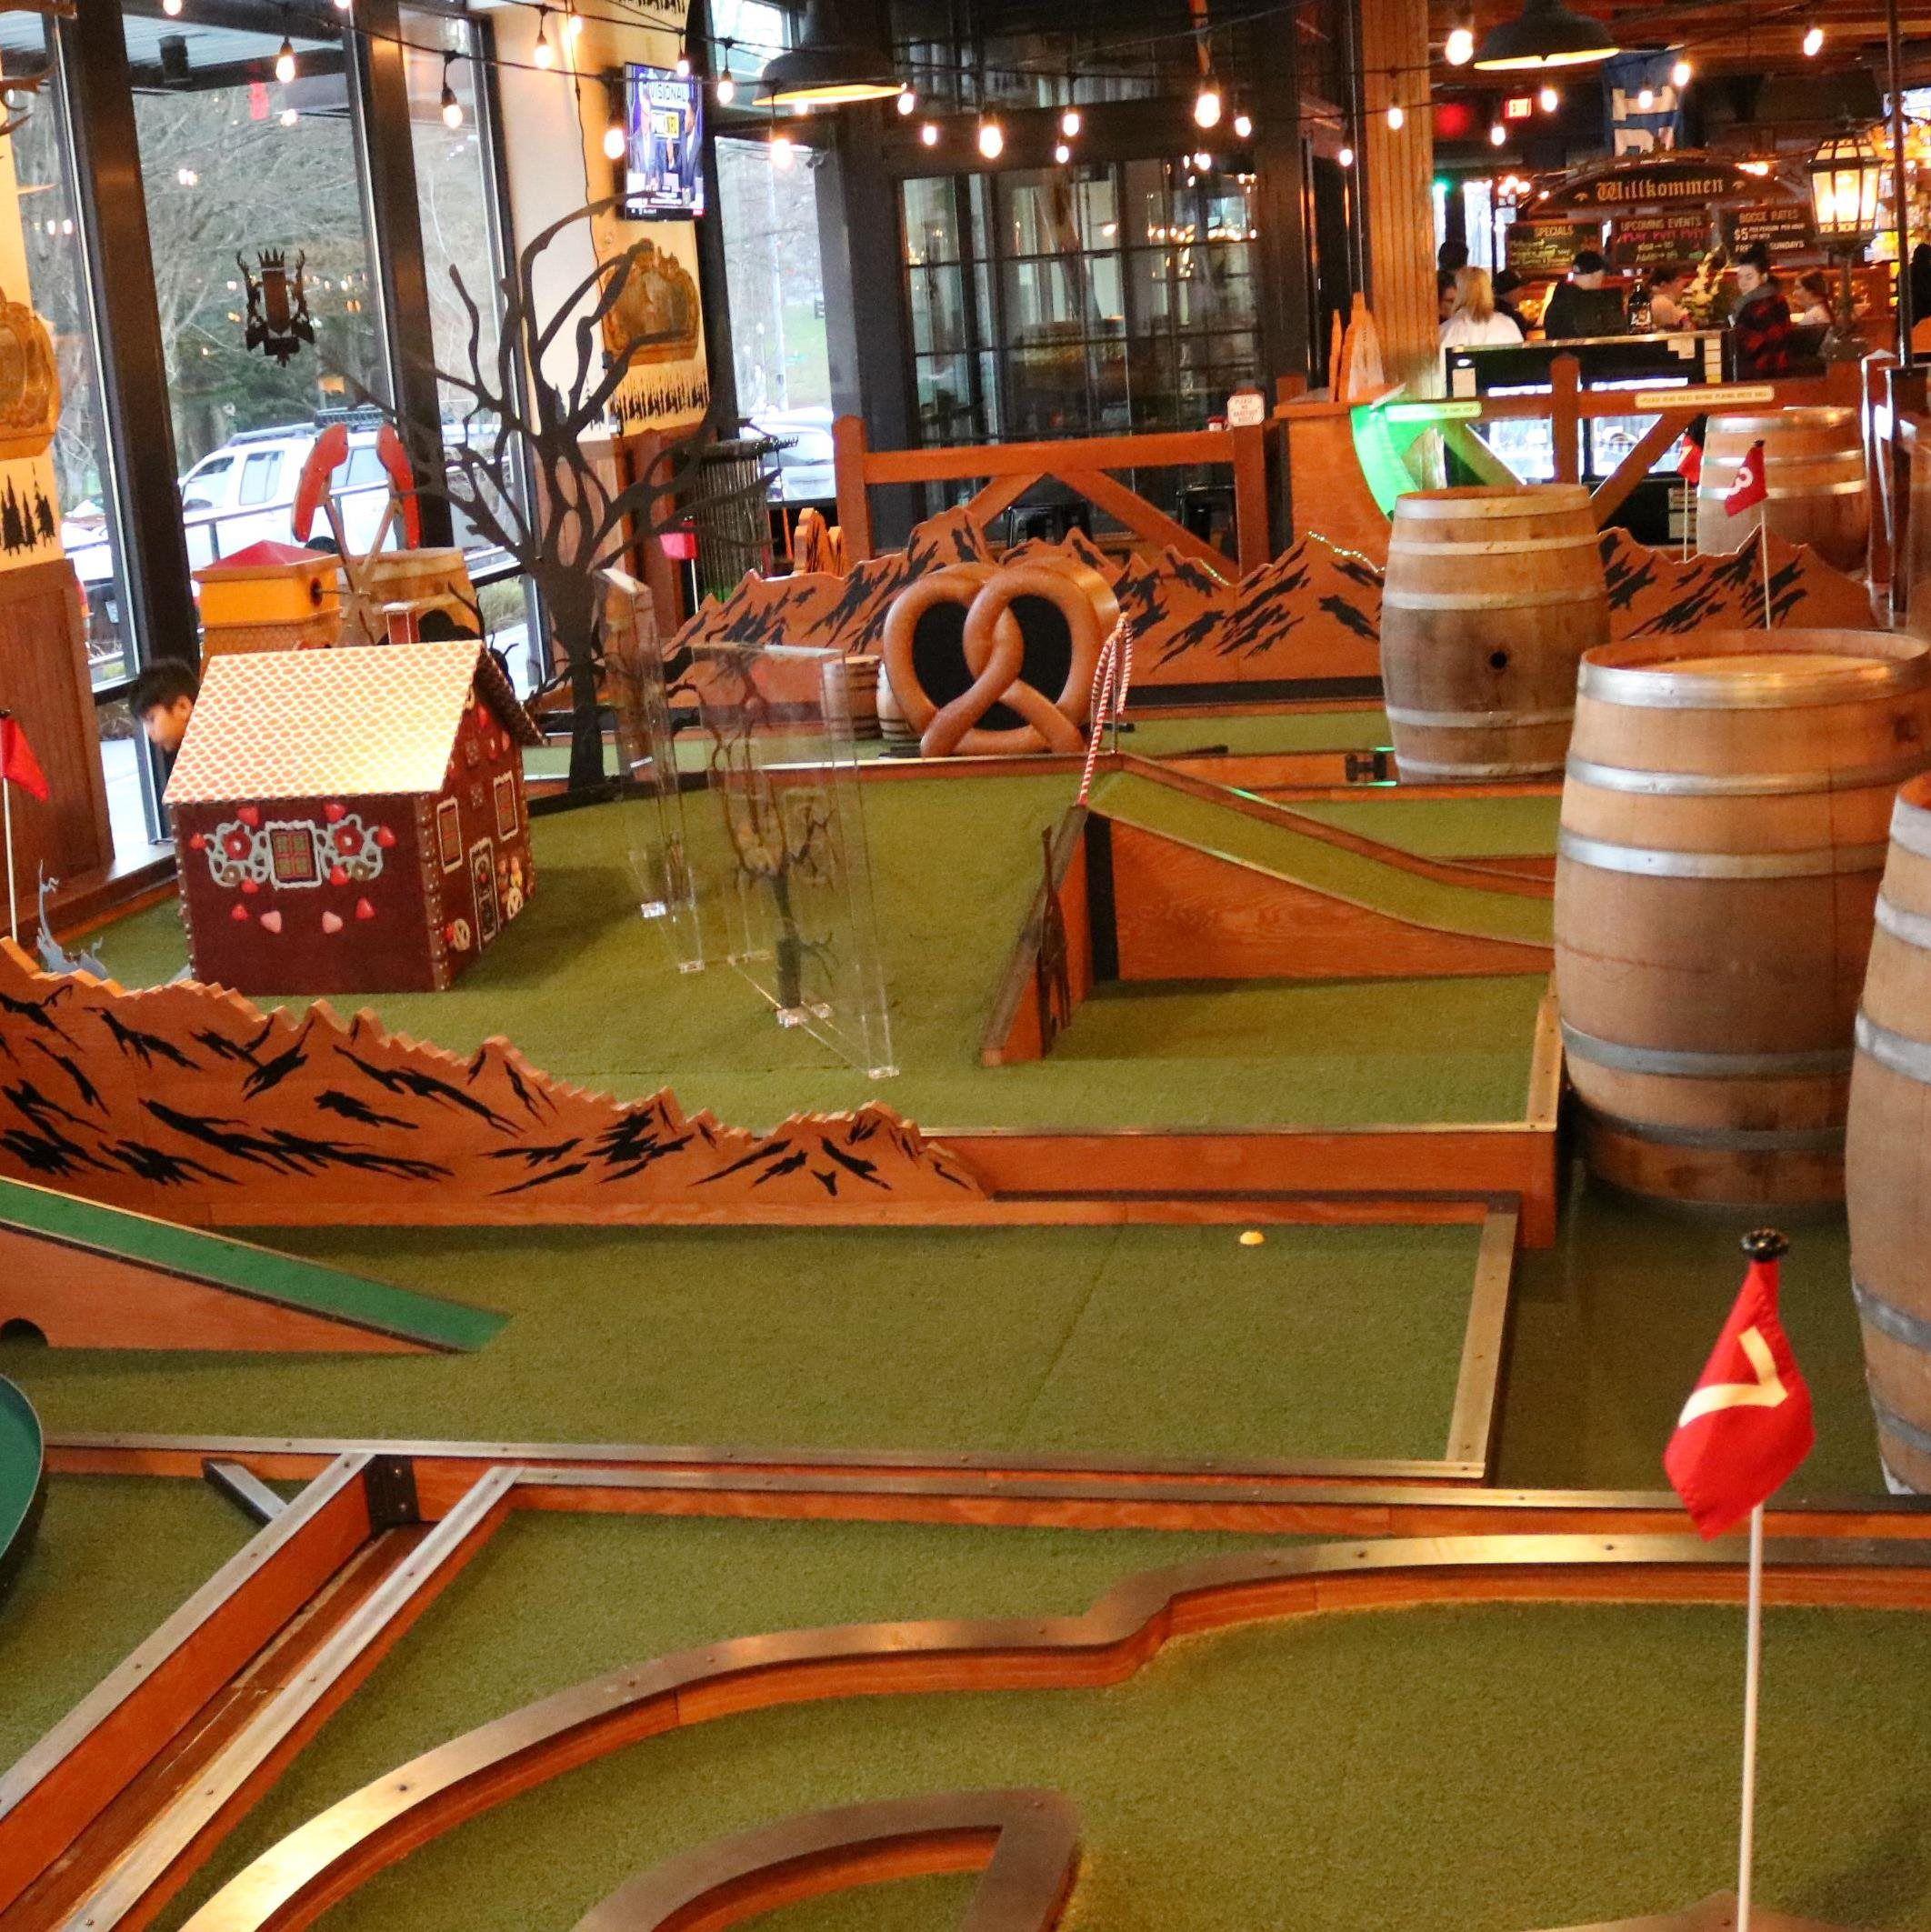 Bocce Putt Putt - Rhein Haus Restaurant, Bocce Haus, & Bier Hall